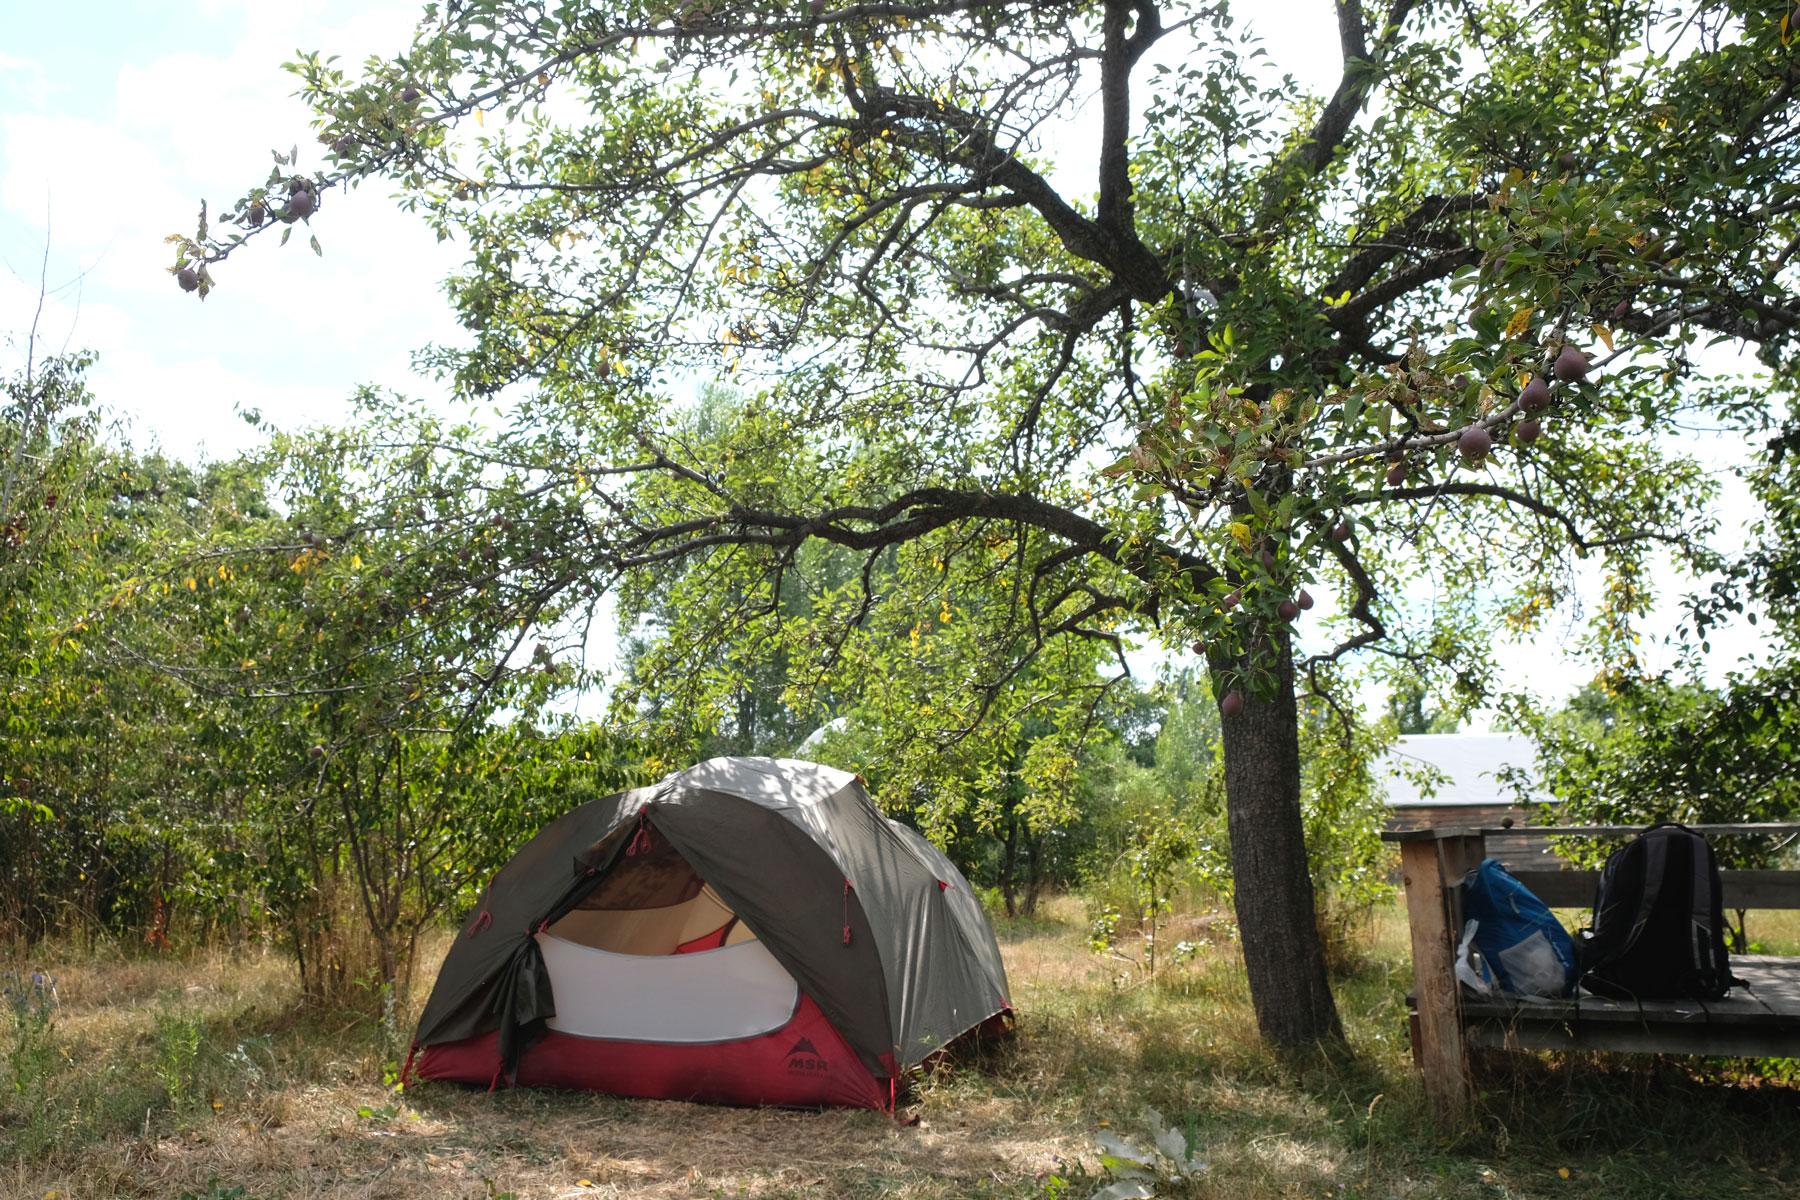 Ein Zelt steht auf einer Wiese unter einem Baum in der Öko-Lodge Bel-Zhan.